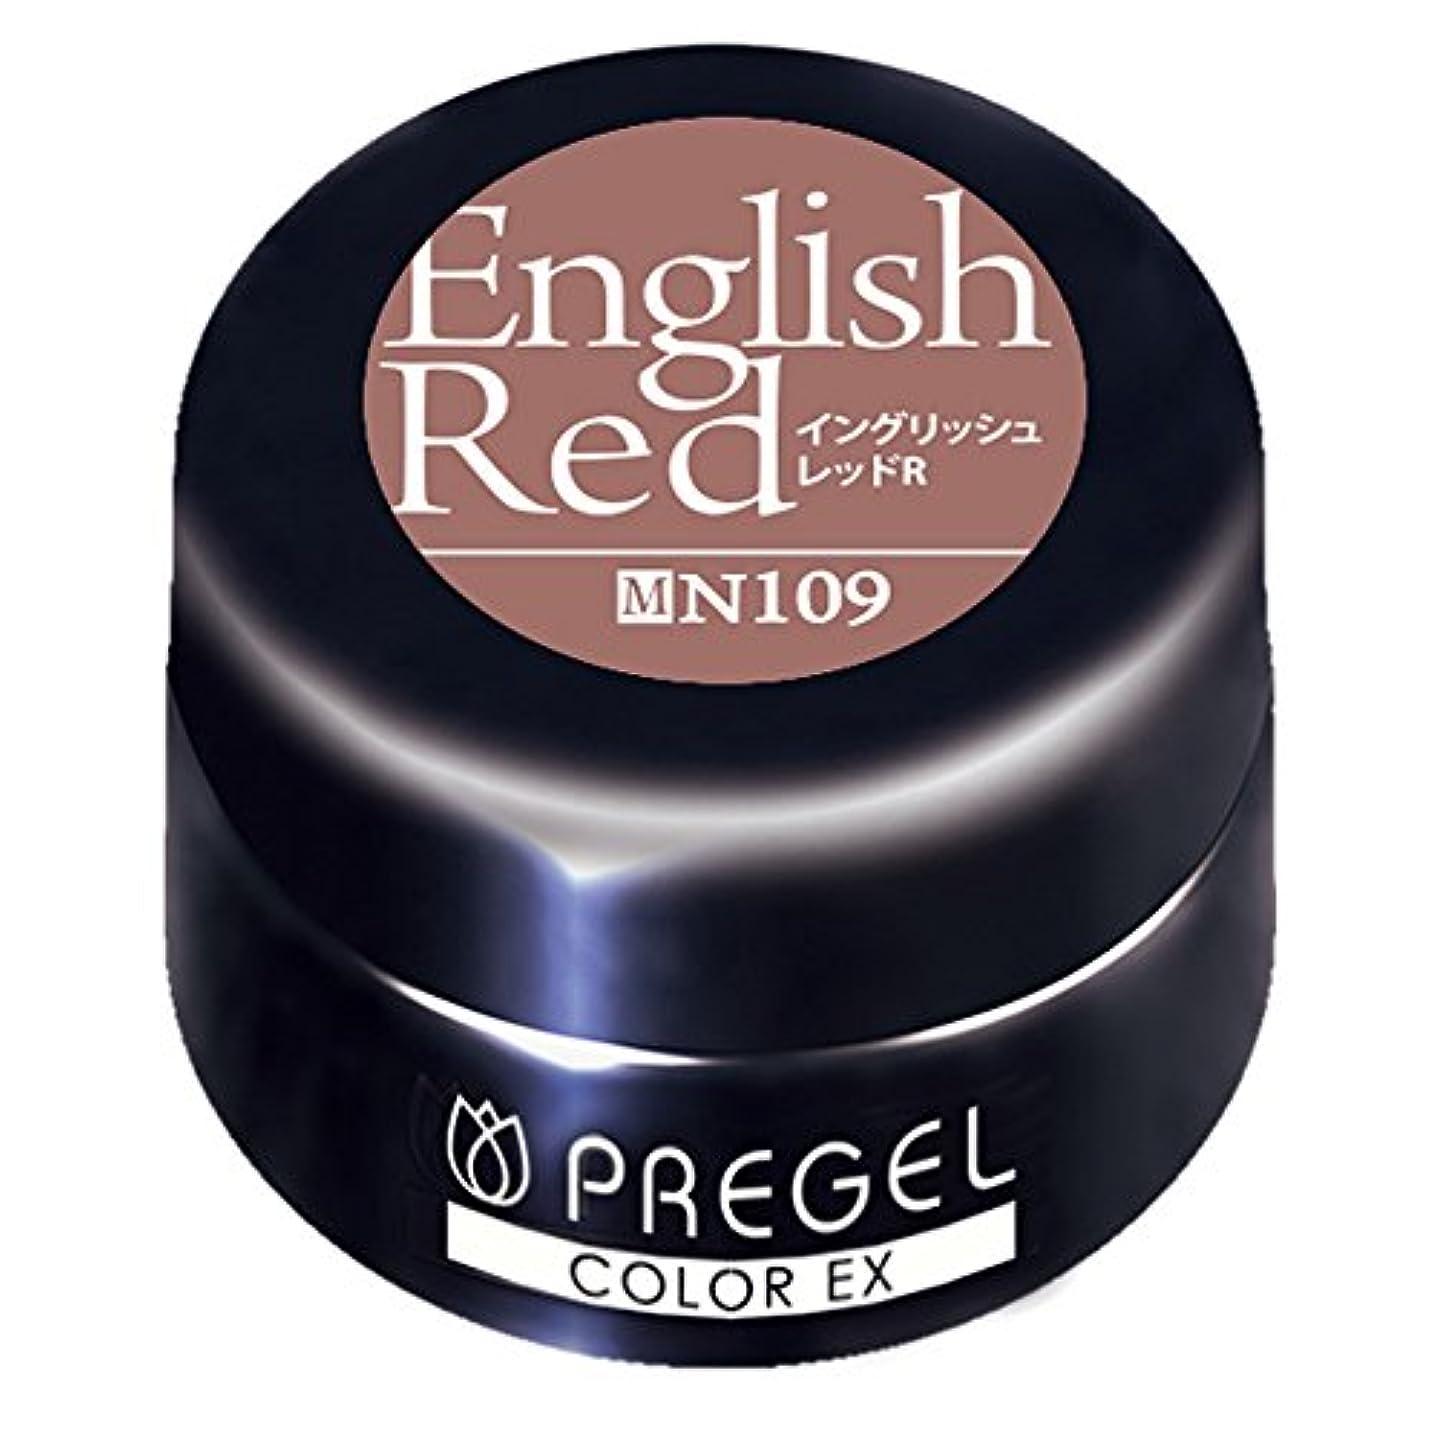 漏斗常に甘いPRE GEL カラージェル カラーEX イングリッシュレッド R109 3g UV/LED対応タイオウ